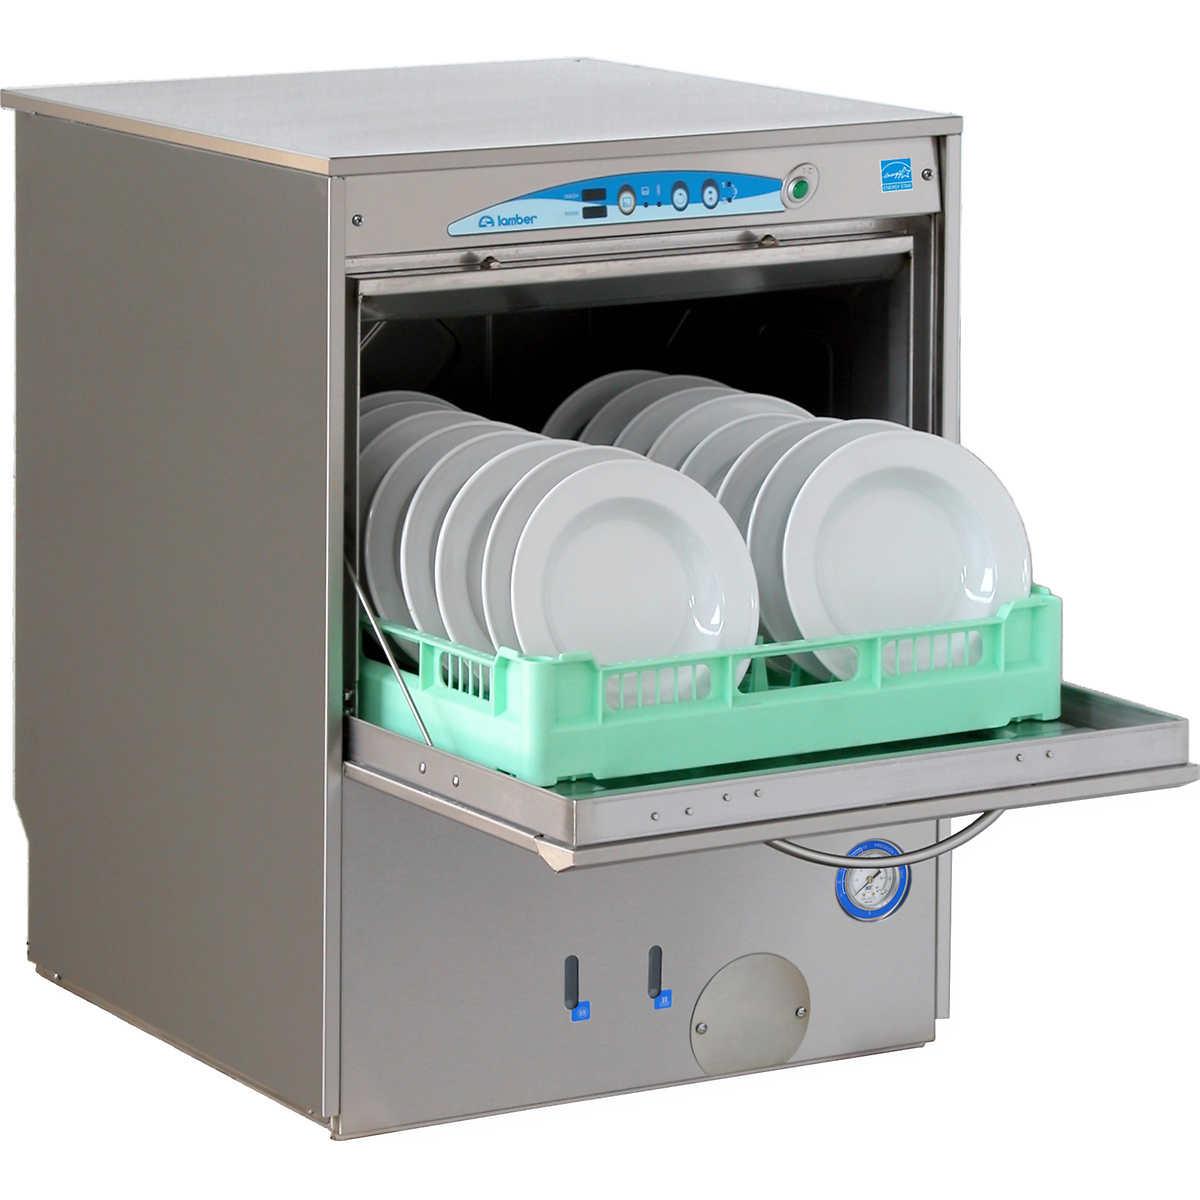 Image result for dishwasher images